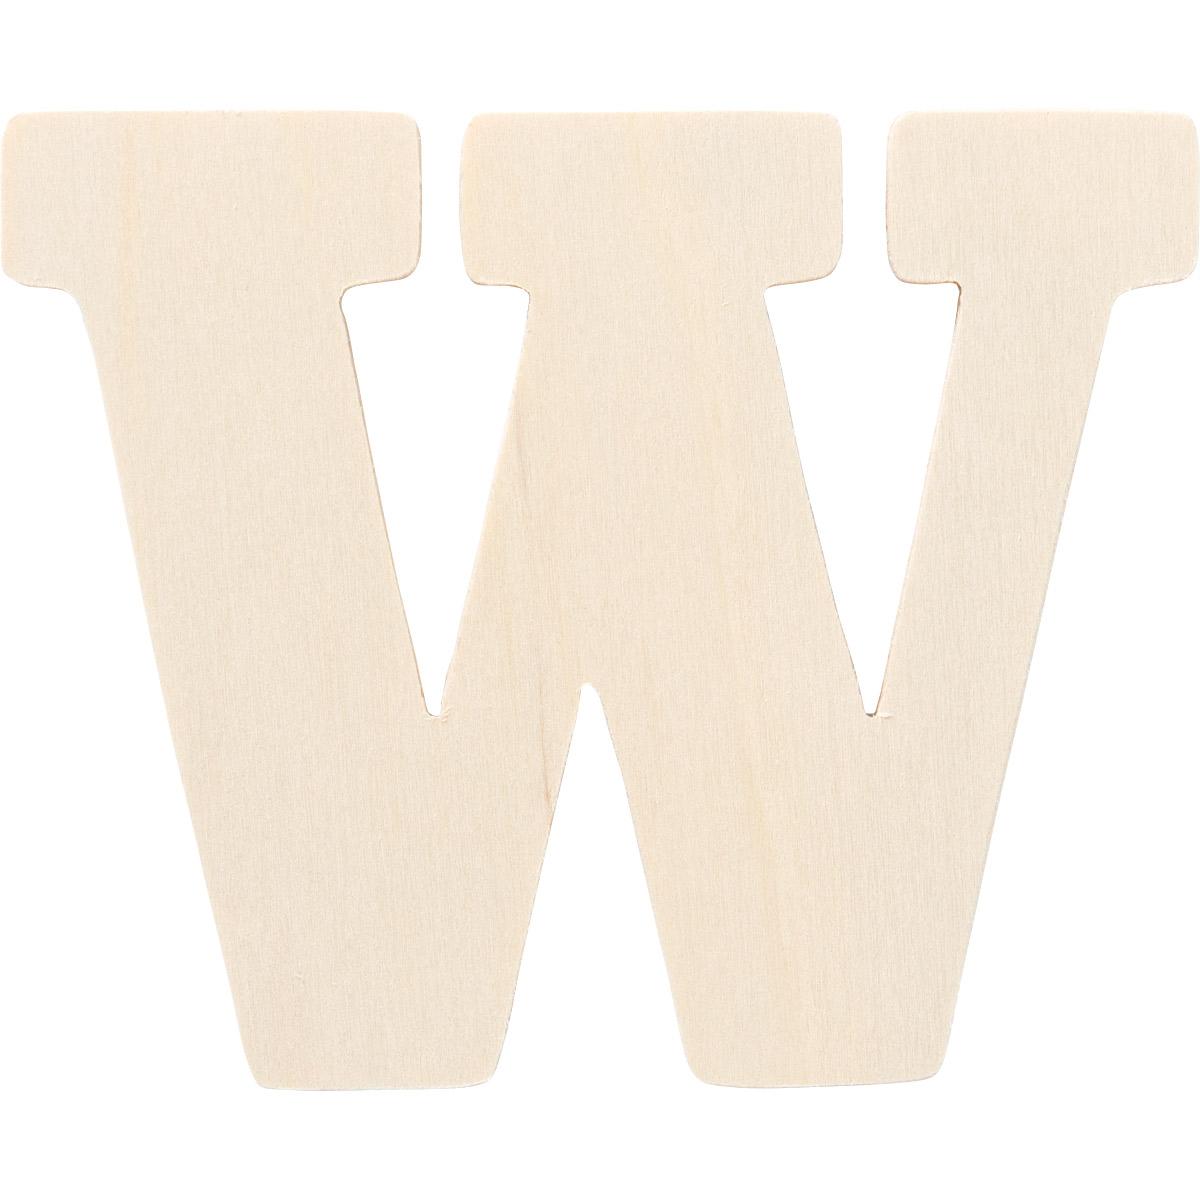 Plaid ® Painter's Palette™ Wood Letter - W. 4 inch